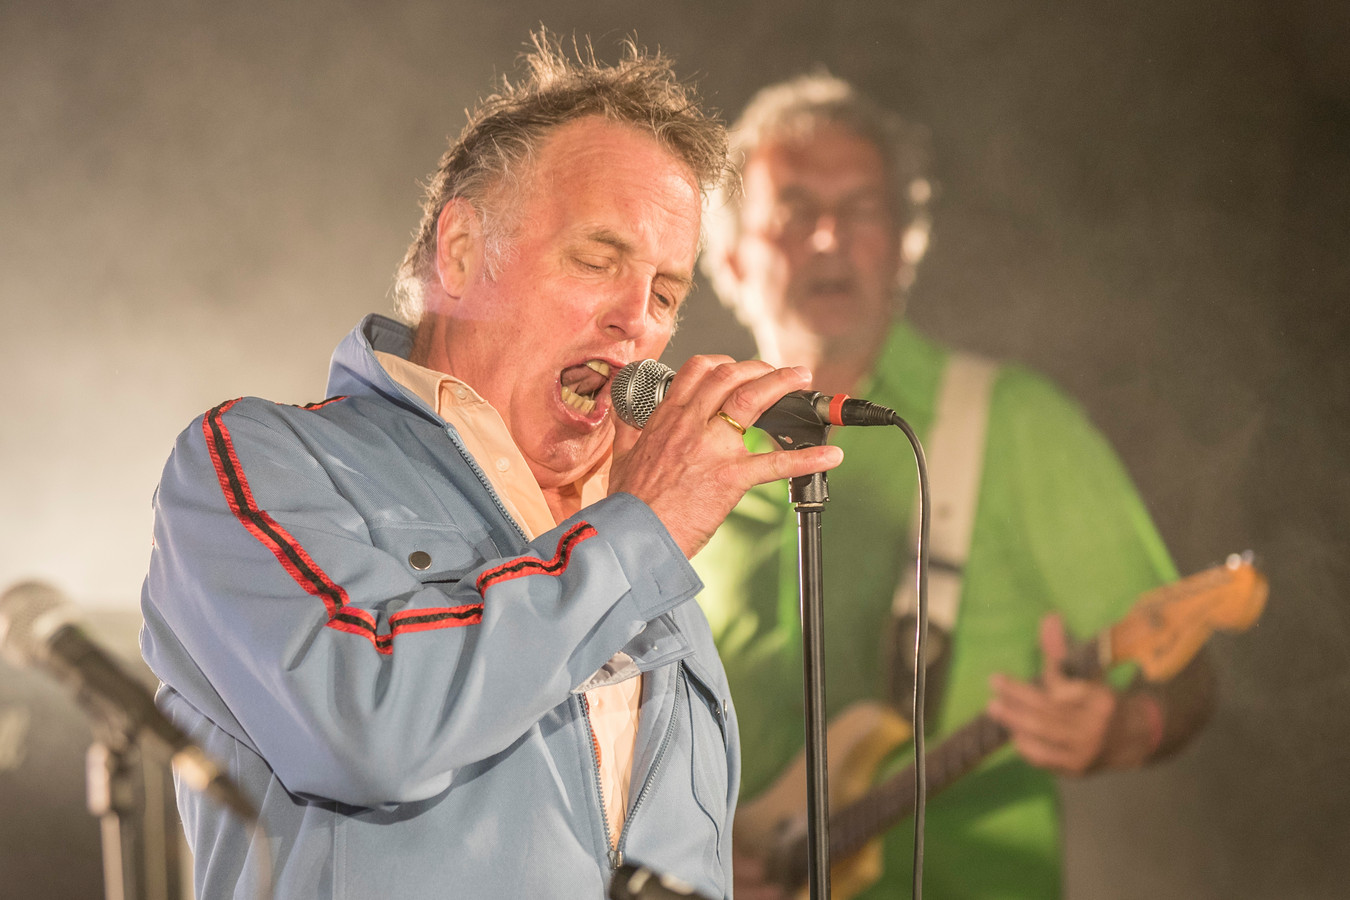 Zanger Bob Fosko van De Raggende Manne ging ondanks zijn ziekte als vanouds tekeer op Klomppop.